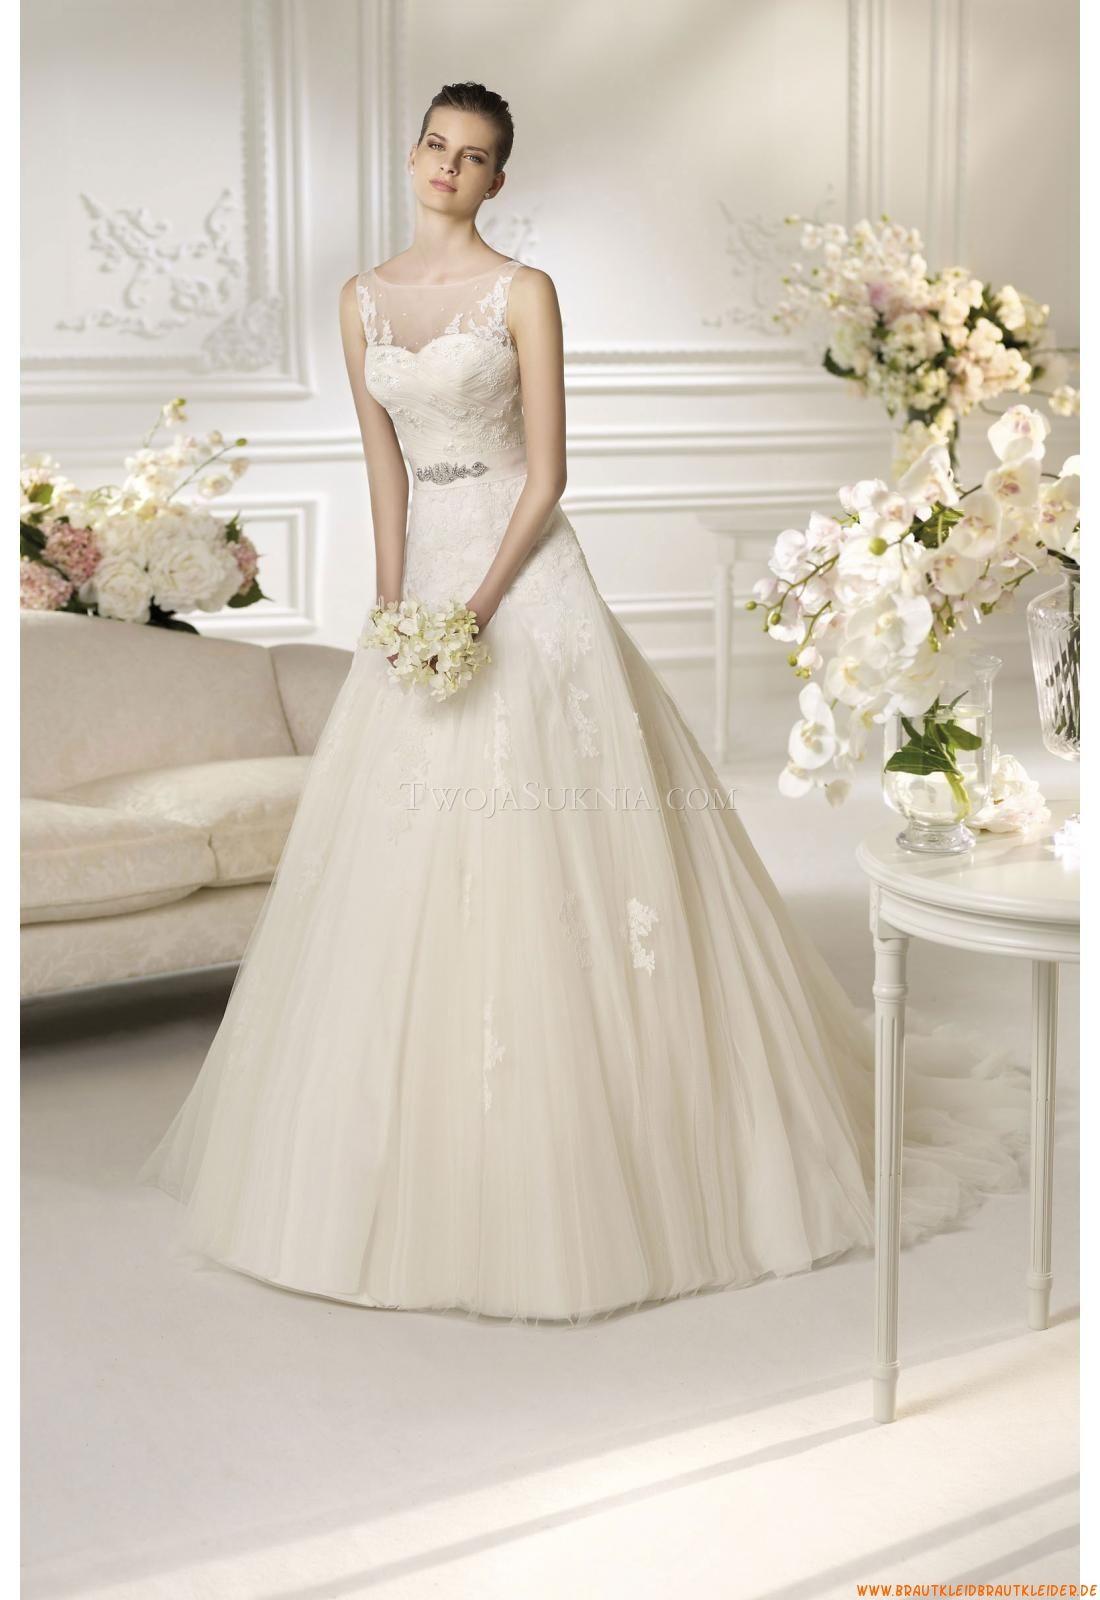 Schlichte Preiswerte Brautkleider auzs Softnetz mit Perlenstickerei